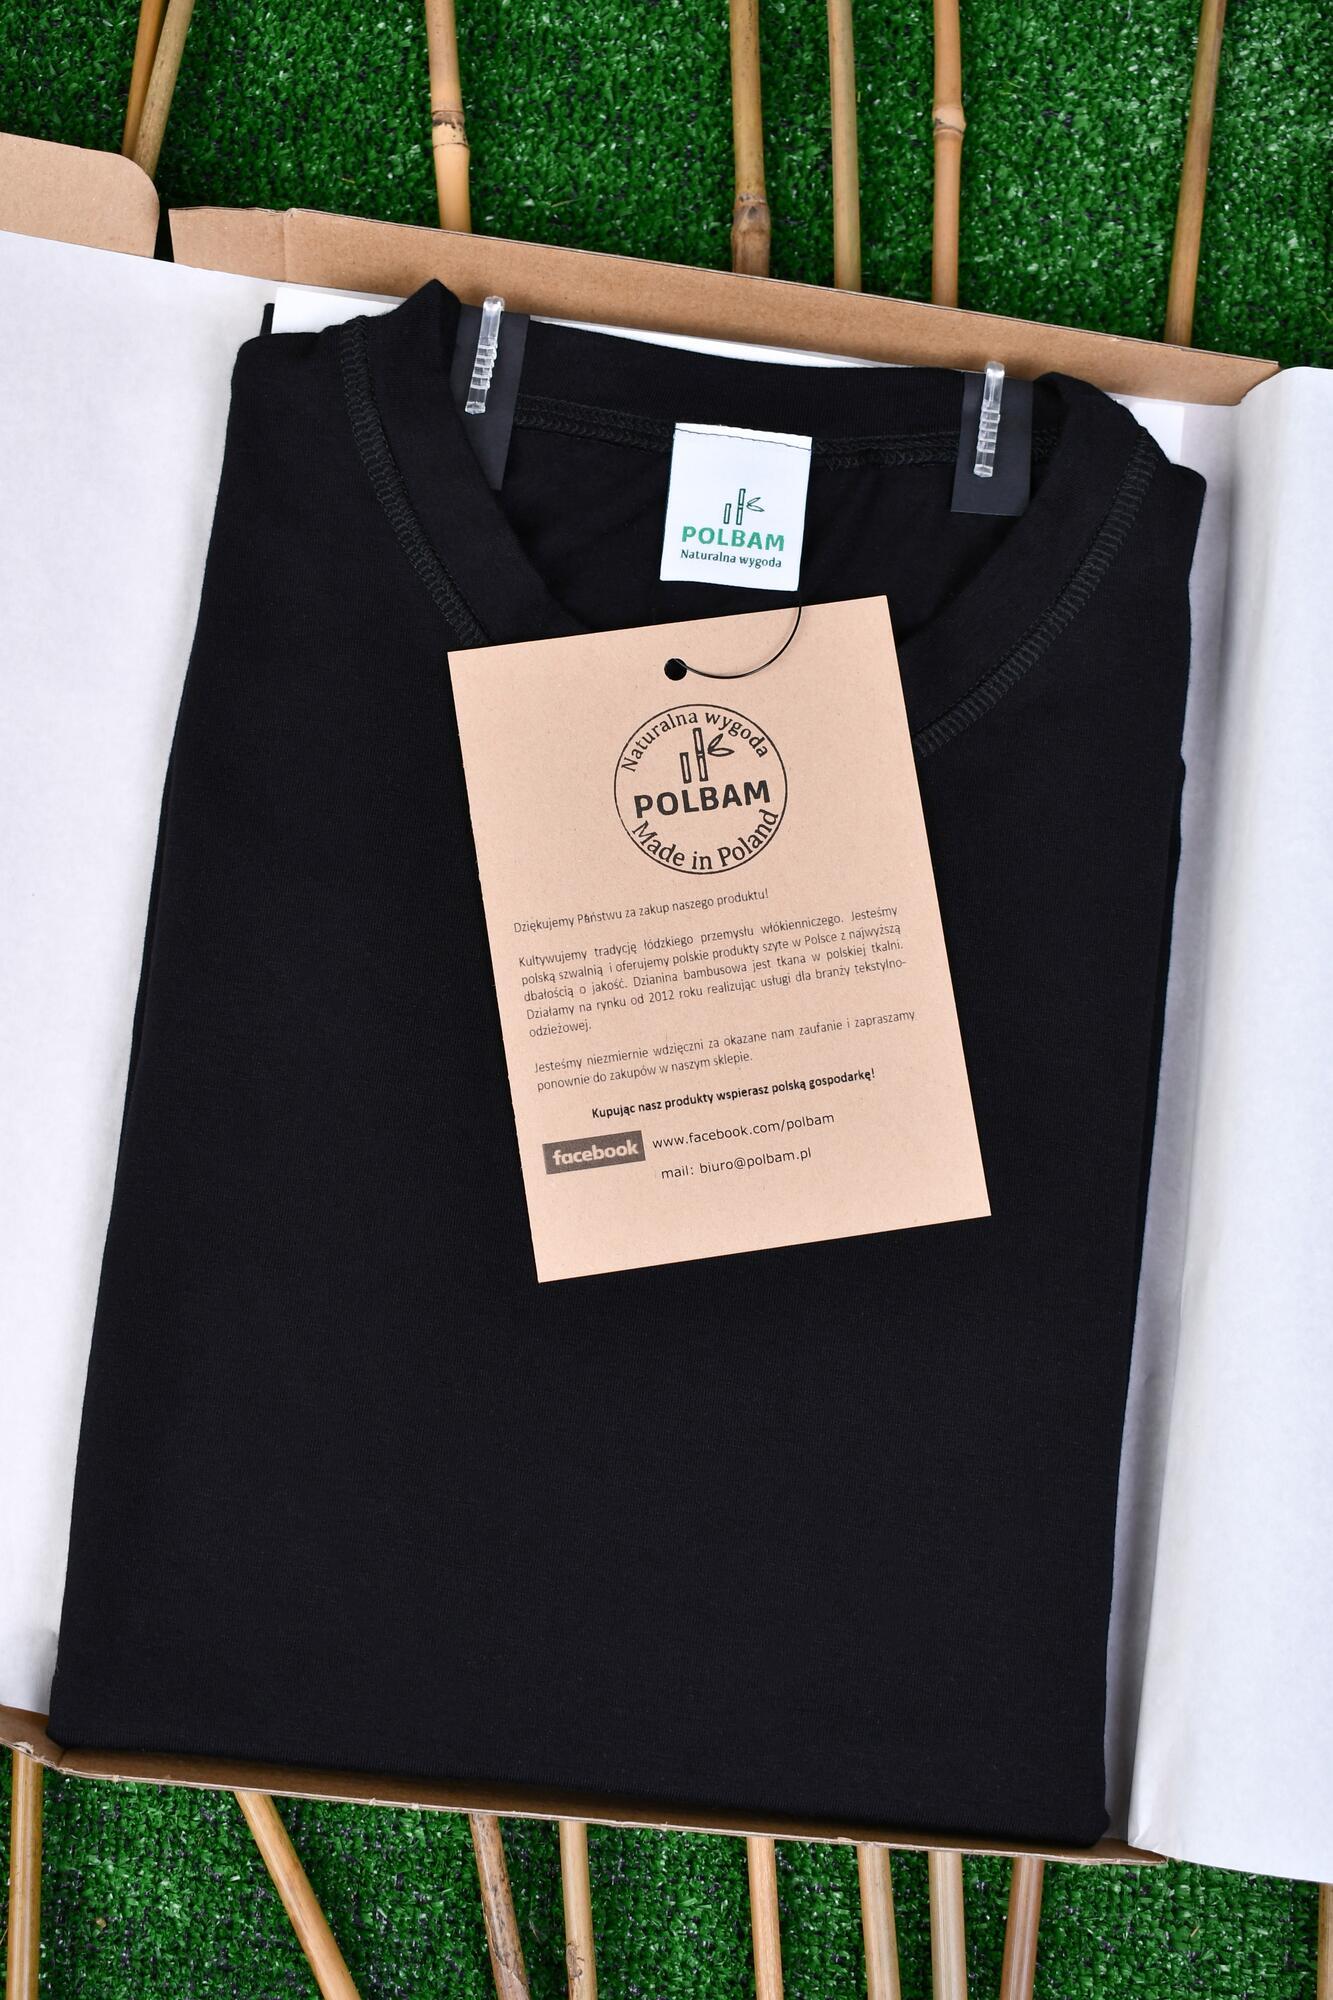 Bambusowy T-shirt  kolor czarny, rozmiary M - POLBAM | JestemSlow.pl